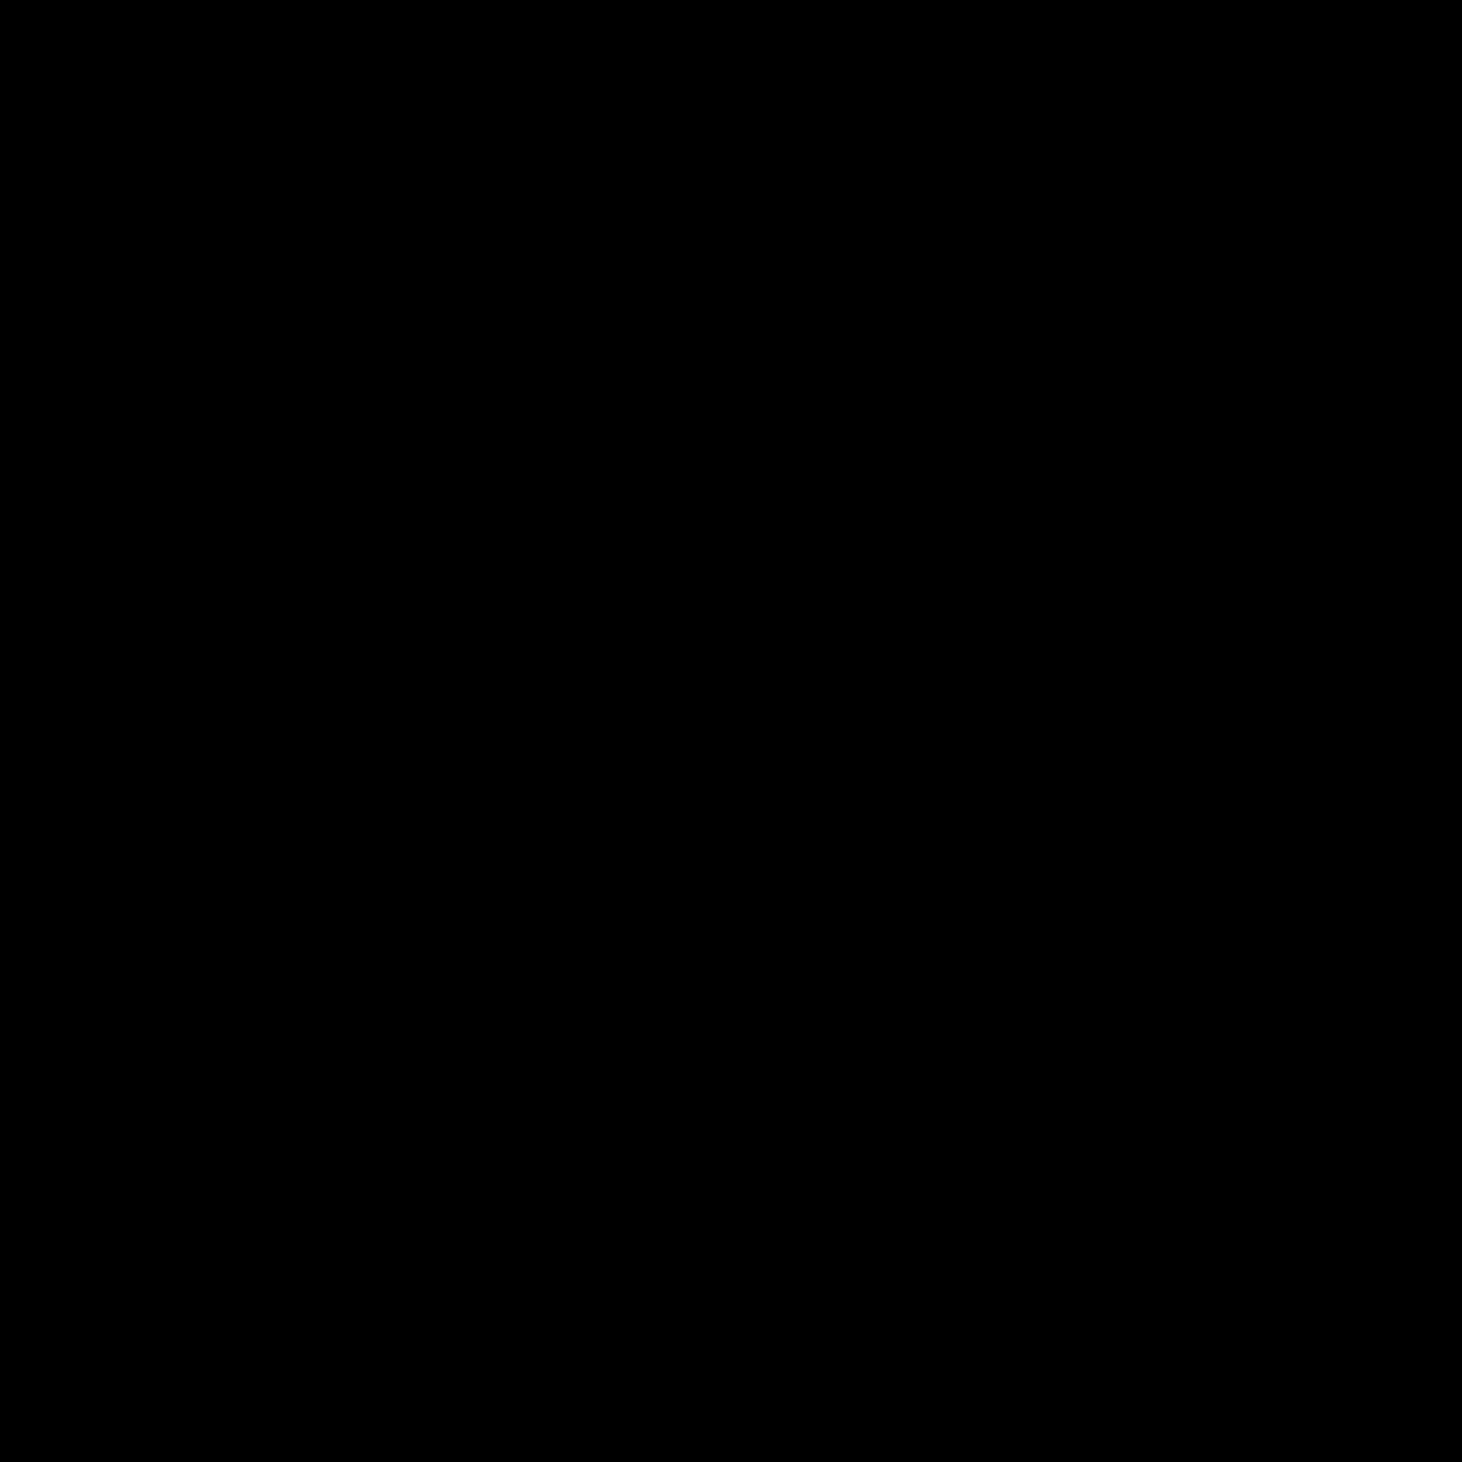 Circled M Icon.